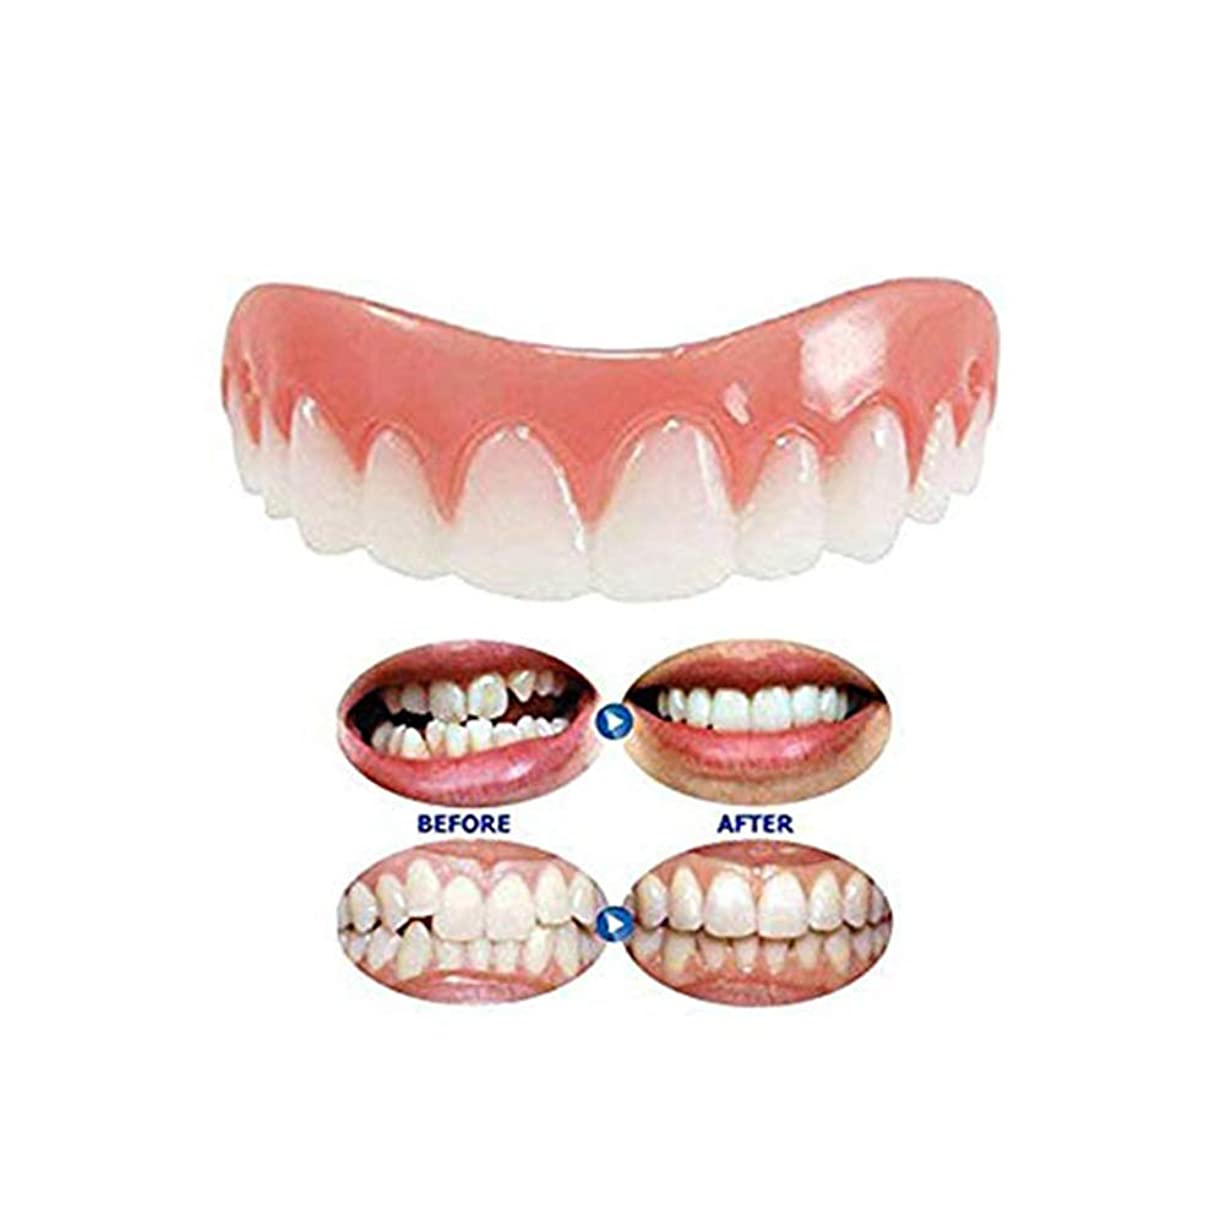 告白するピカリング礼儀一時的な義歯床義歯の歯のホワイトニング化粧品歯科ベニアパーフェクトスマイルインスタントスマイル歯科快適なトップベニア化粧品